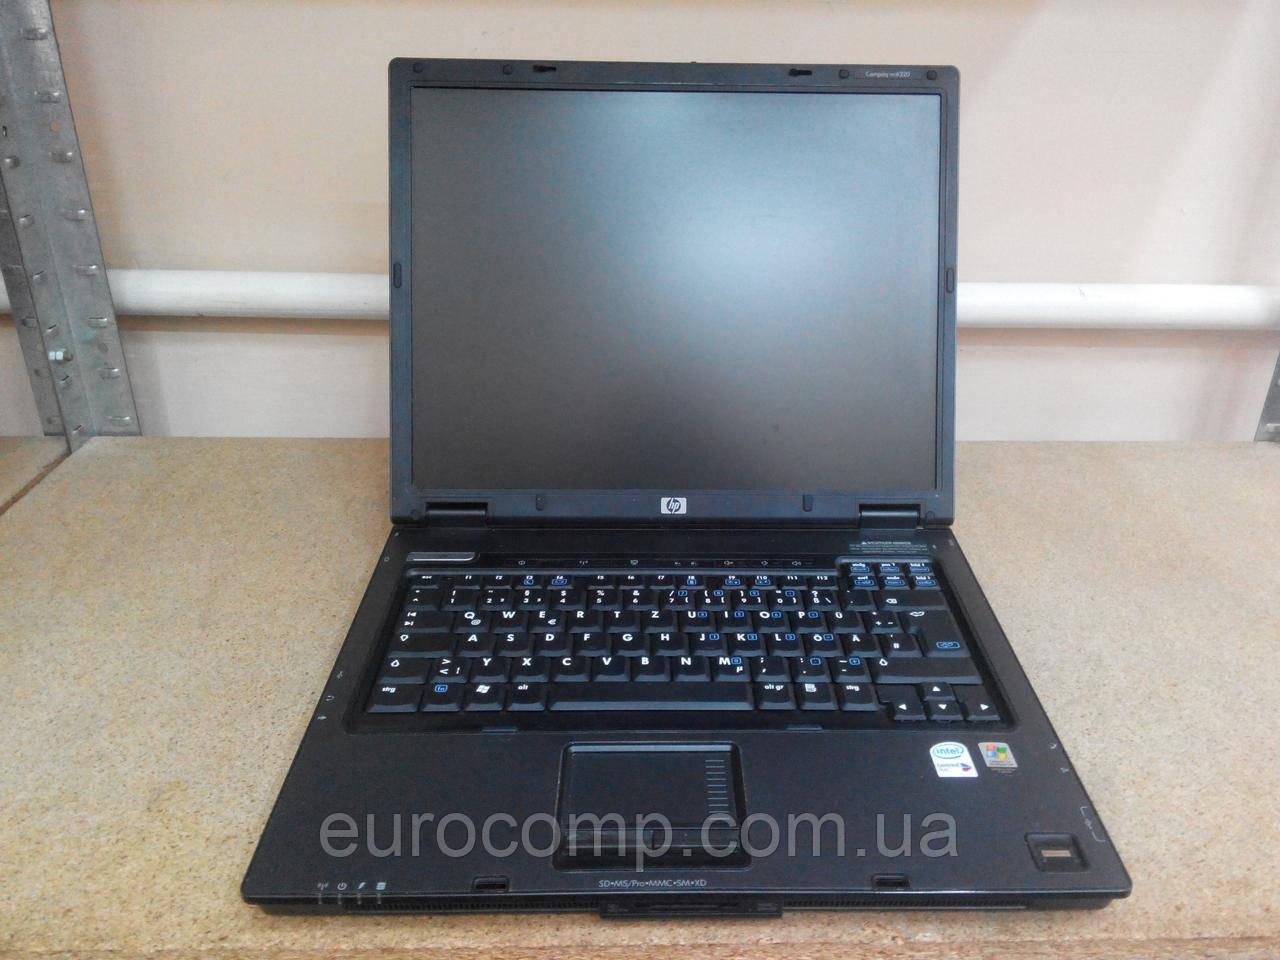 Недорогой ноутбук бизнес серии для офиса, дома и учебы HP Compaq nc6320 15''